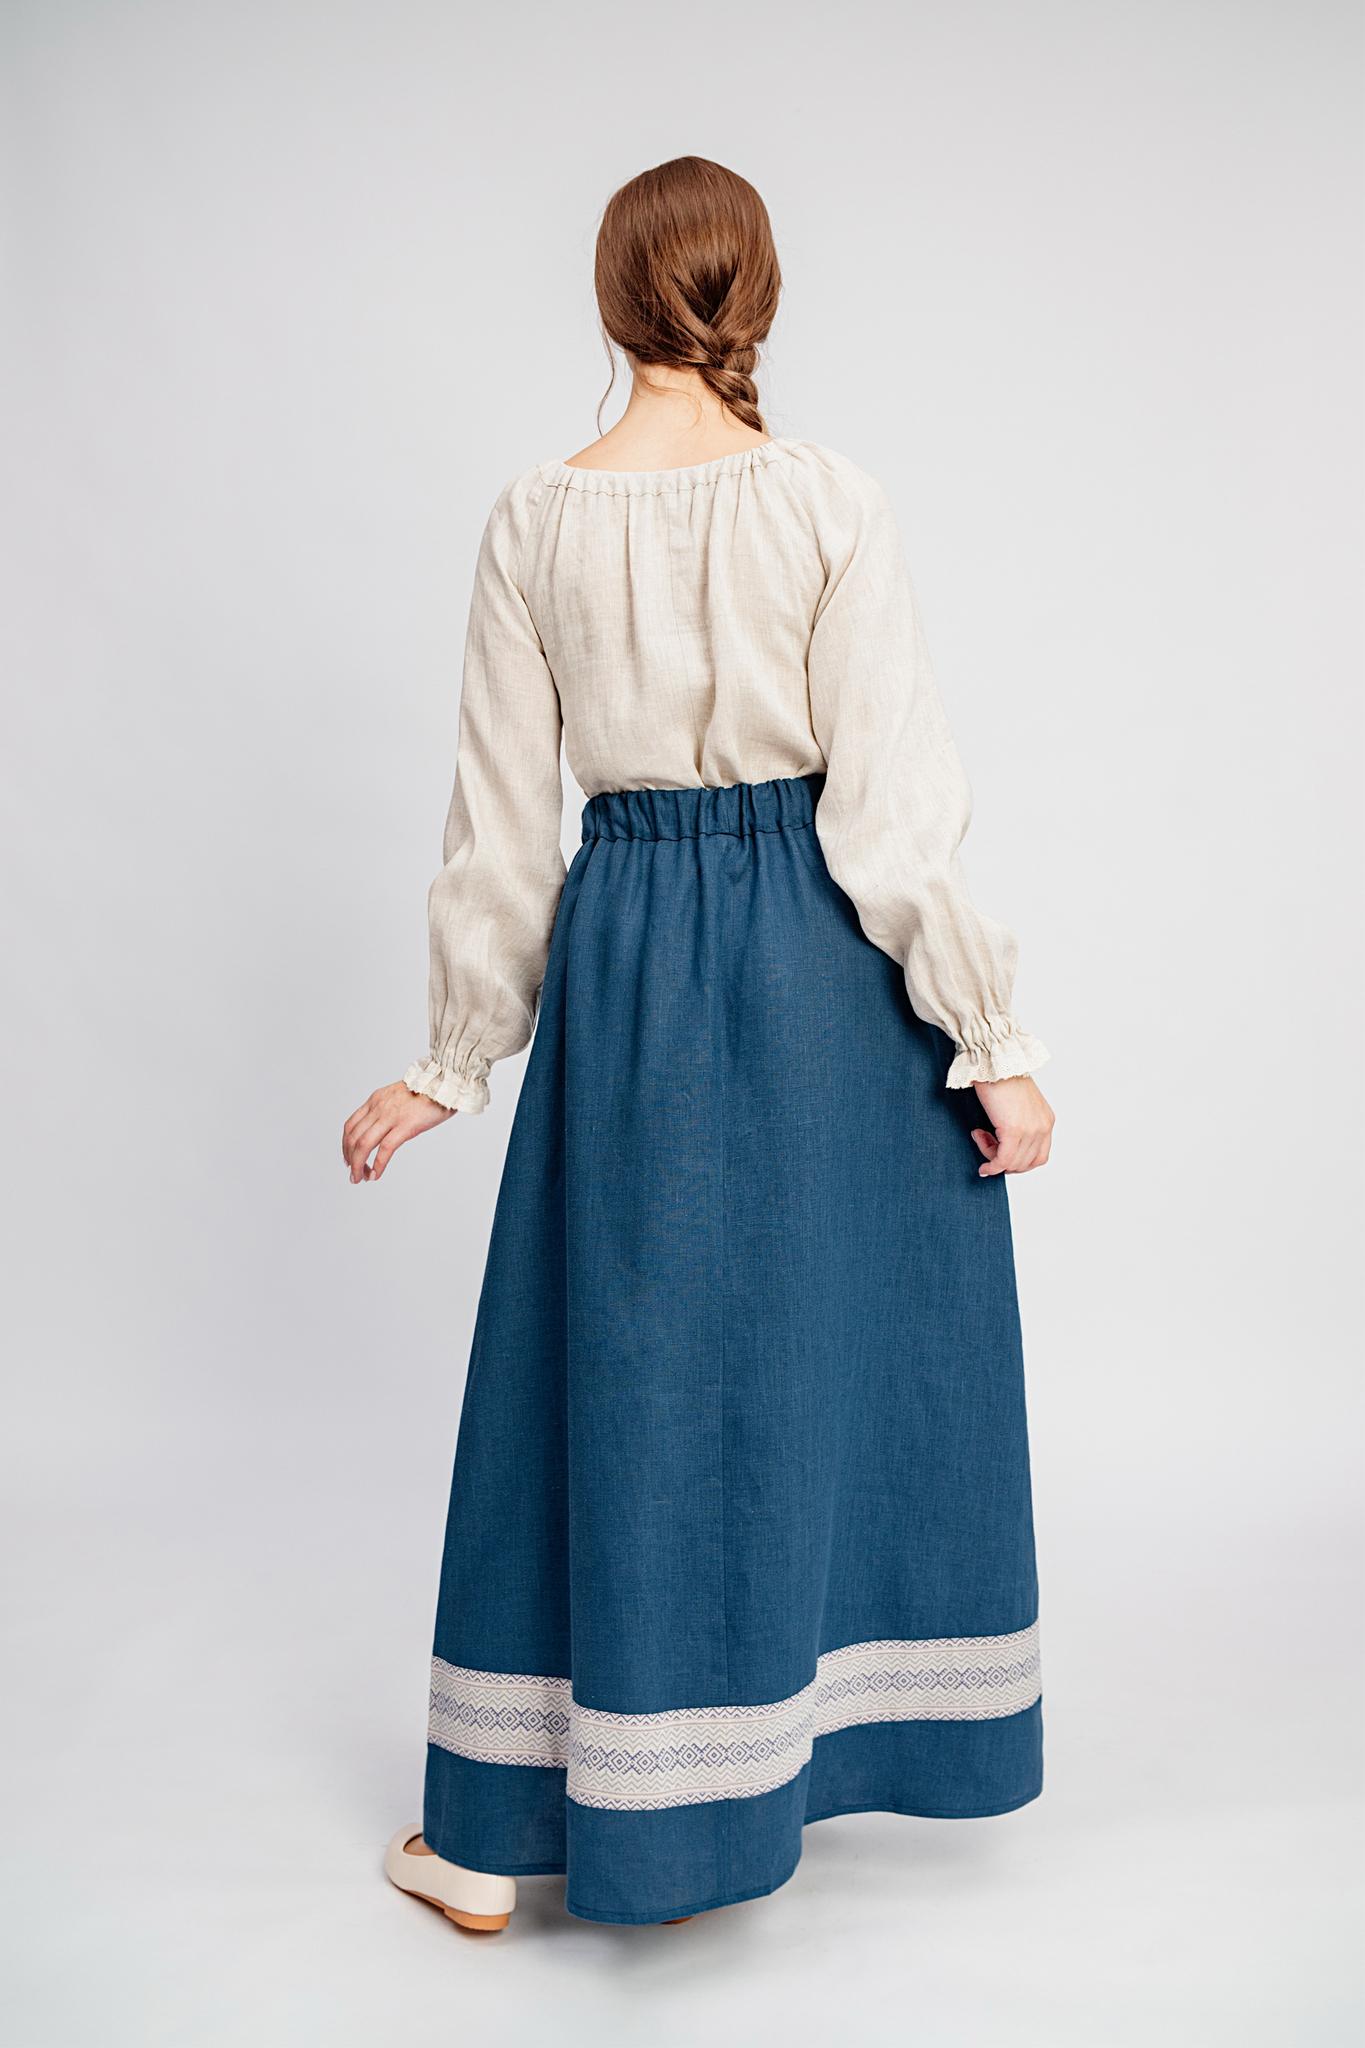 Тёмно-синяя юбка Черника